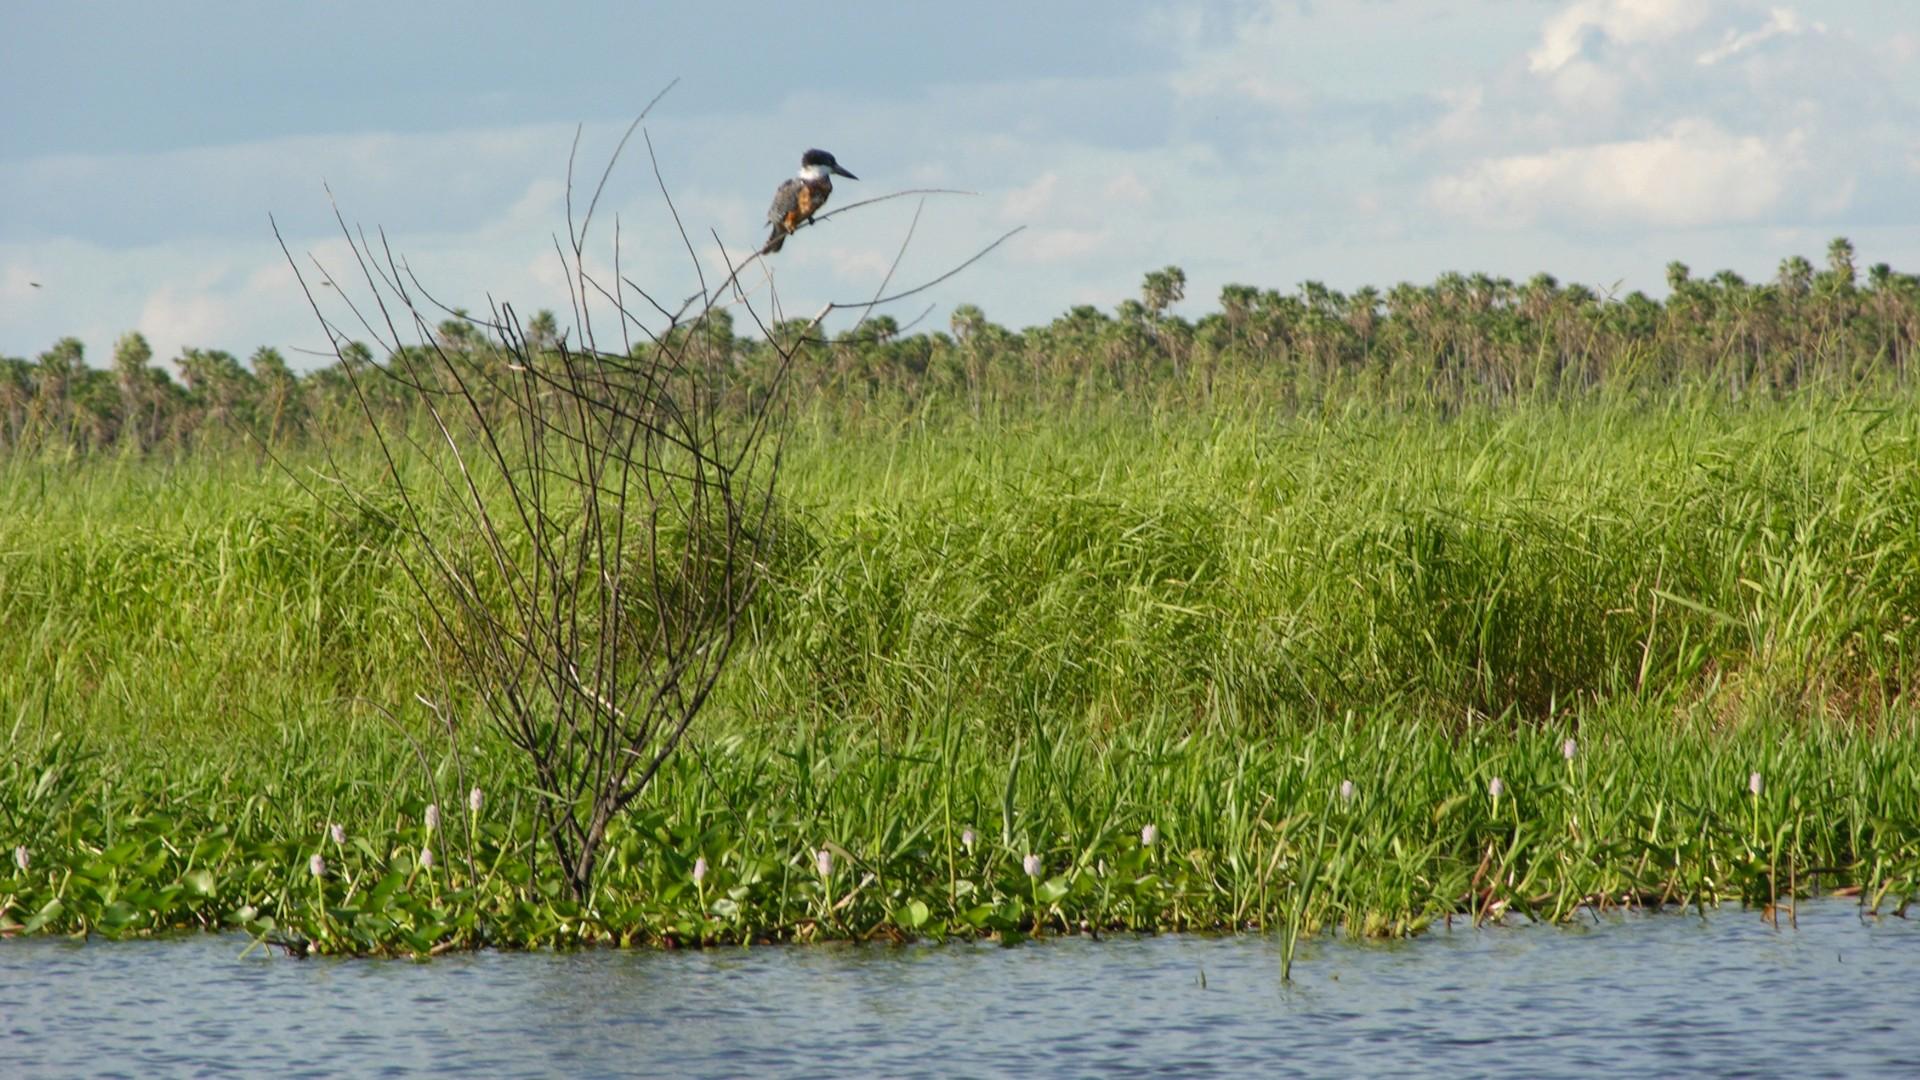 floating vegetation